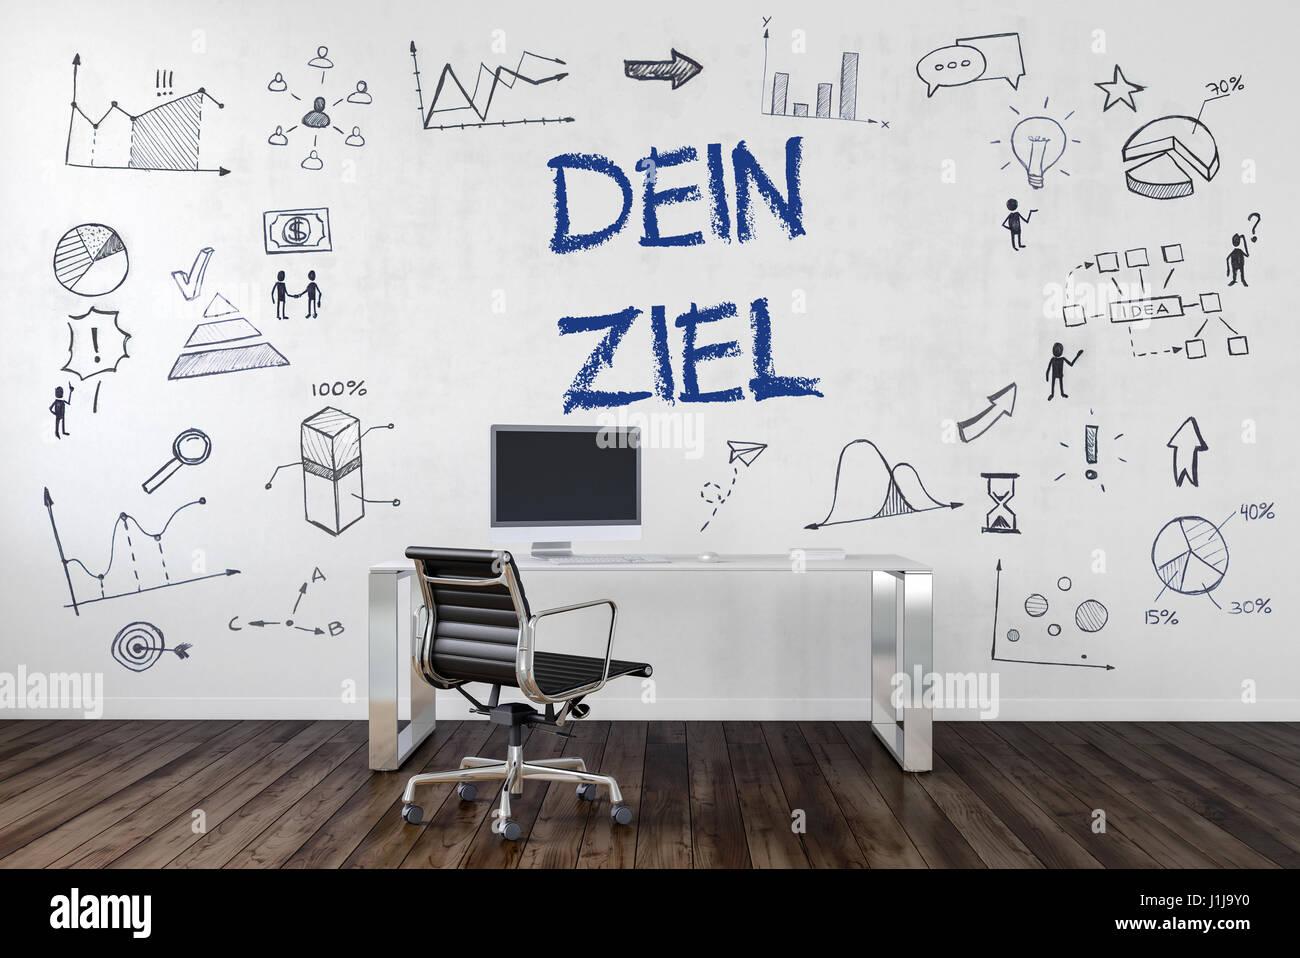 DEIN ZIEL | Schreibtisch in Büro mit handgezeichneten Symbolen an Wand. Stock Photo